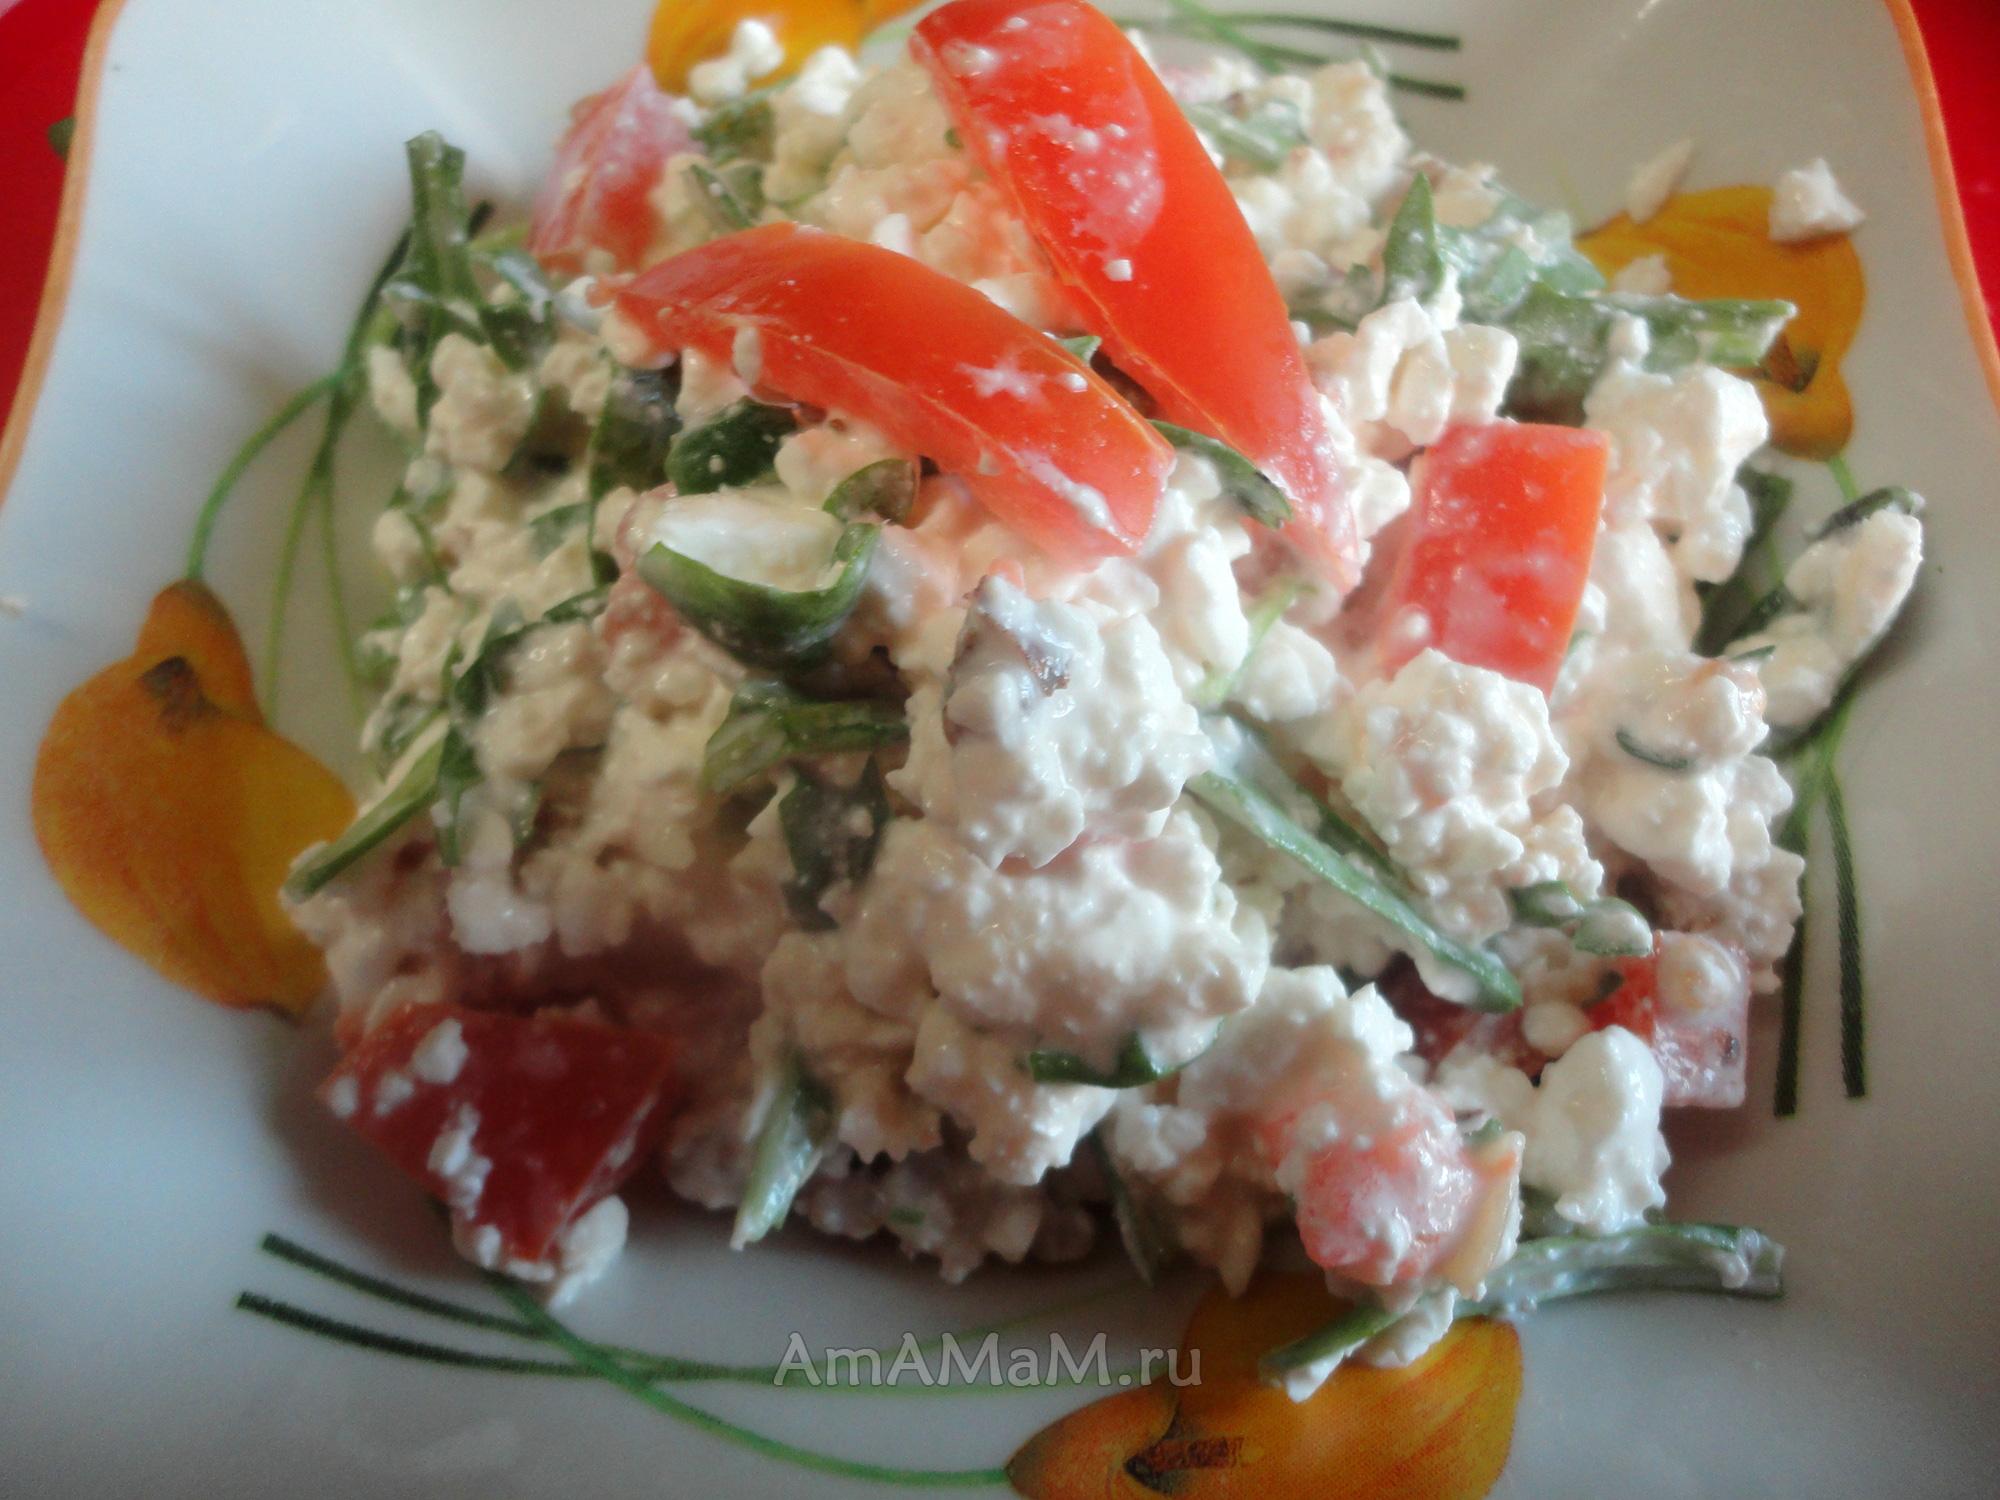 салат с огурцами и помидорами и орехами рецепт